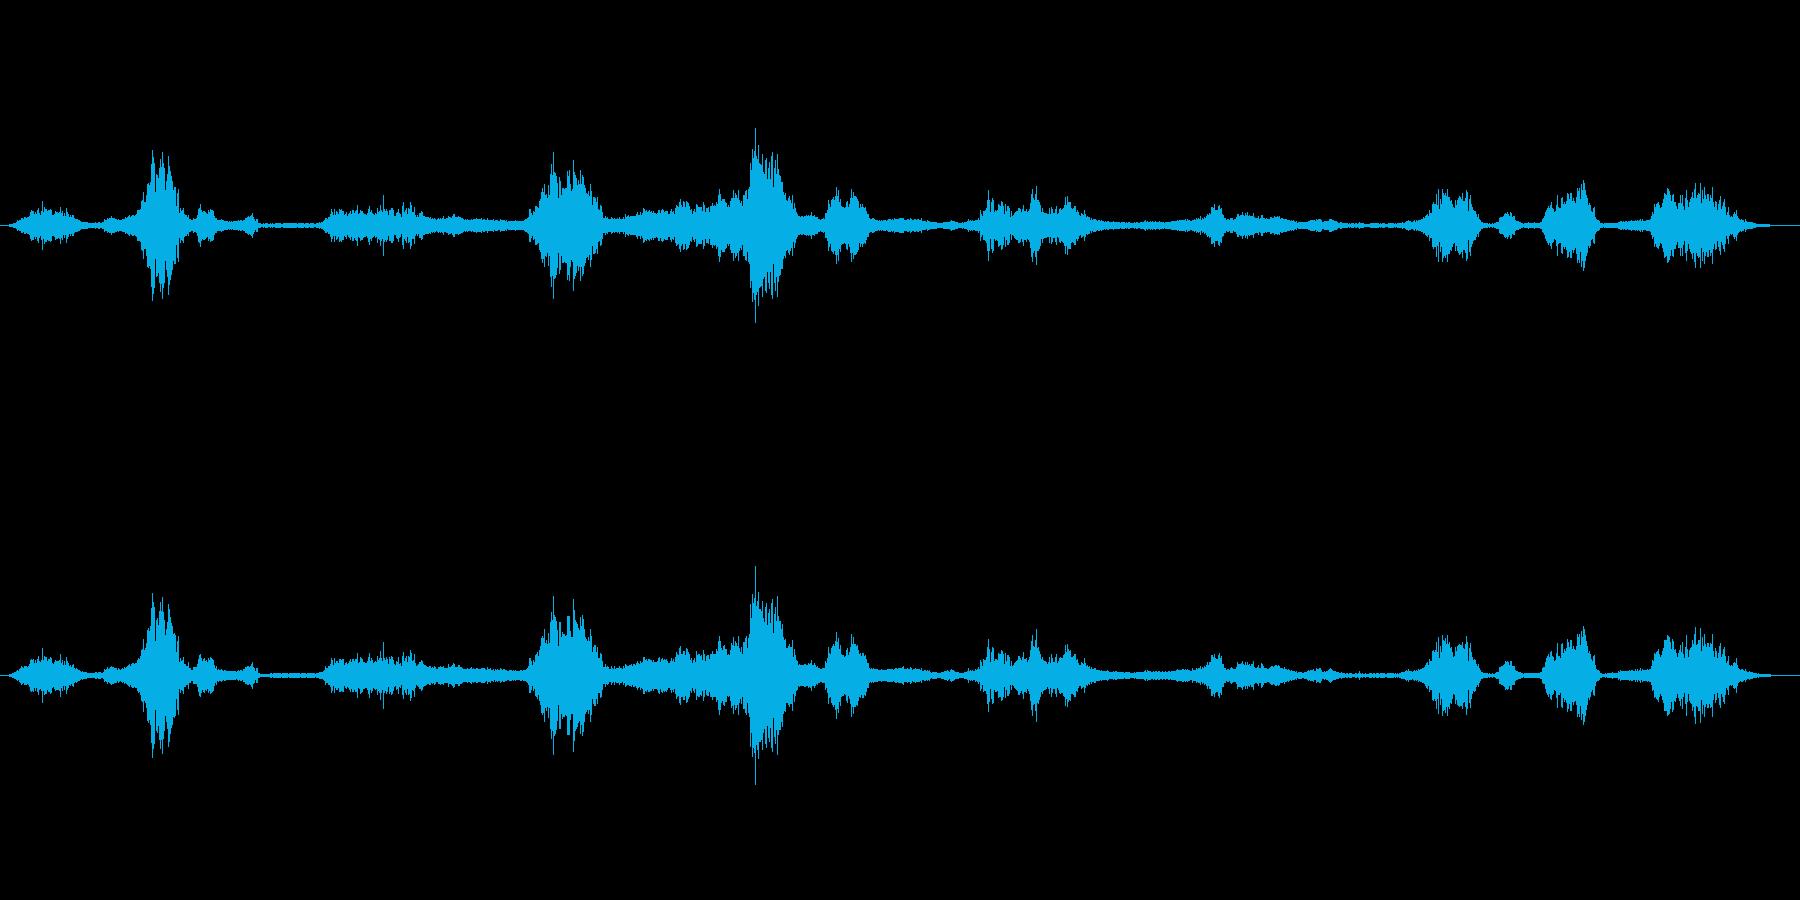 風の音(ヒューヒュー)の再生済みの波形